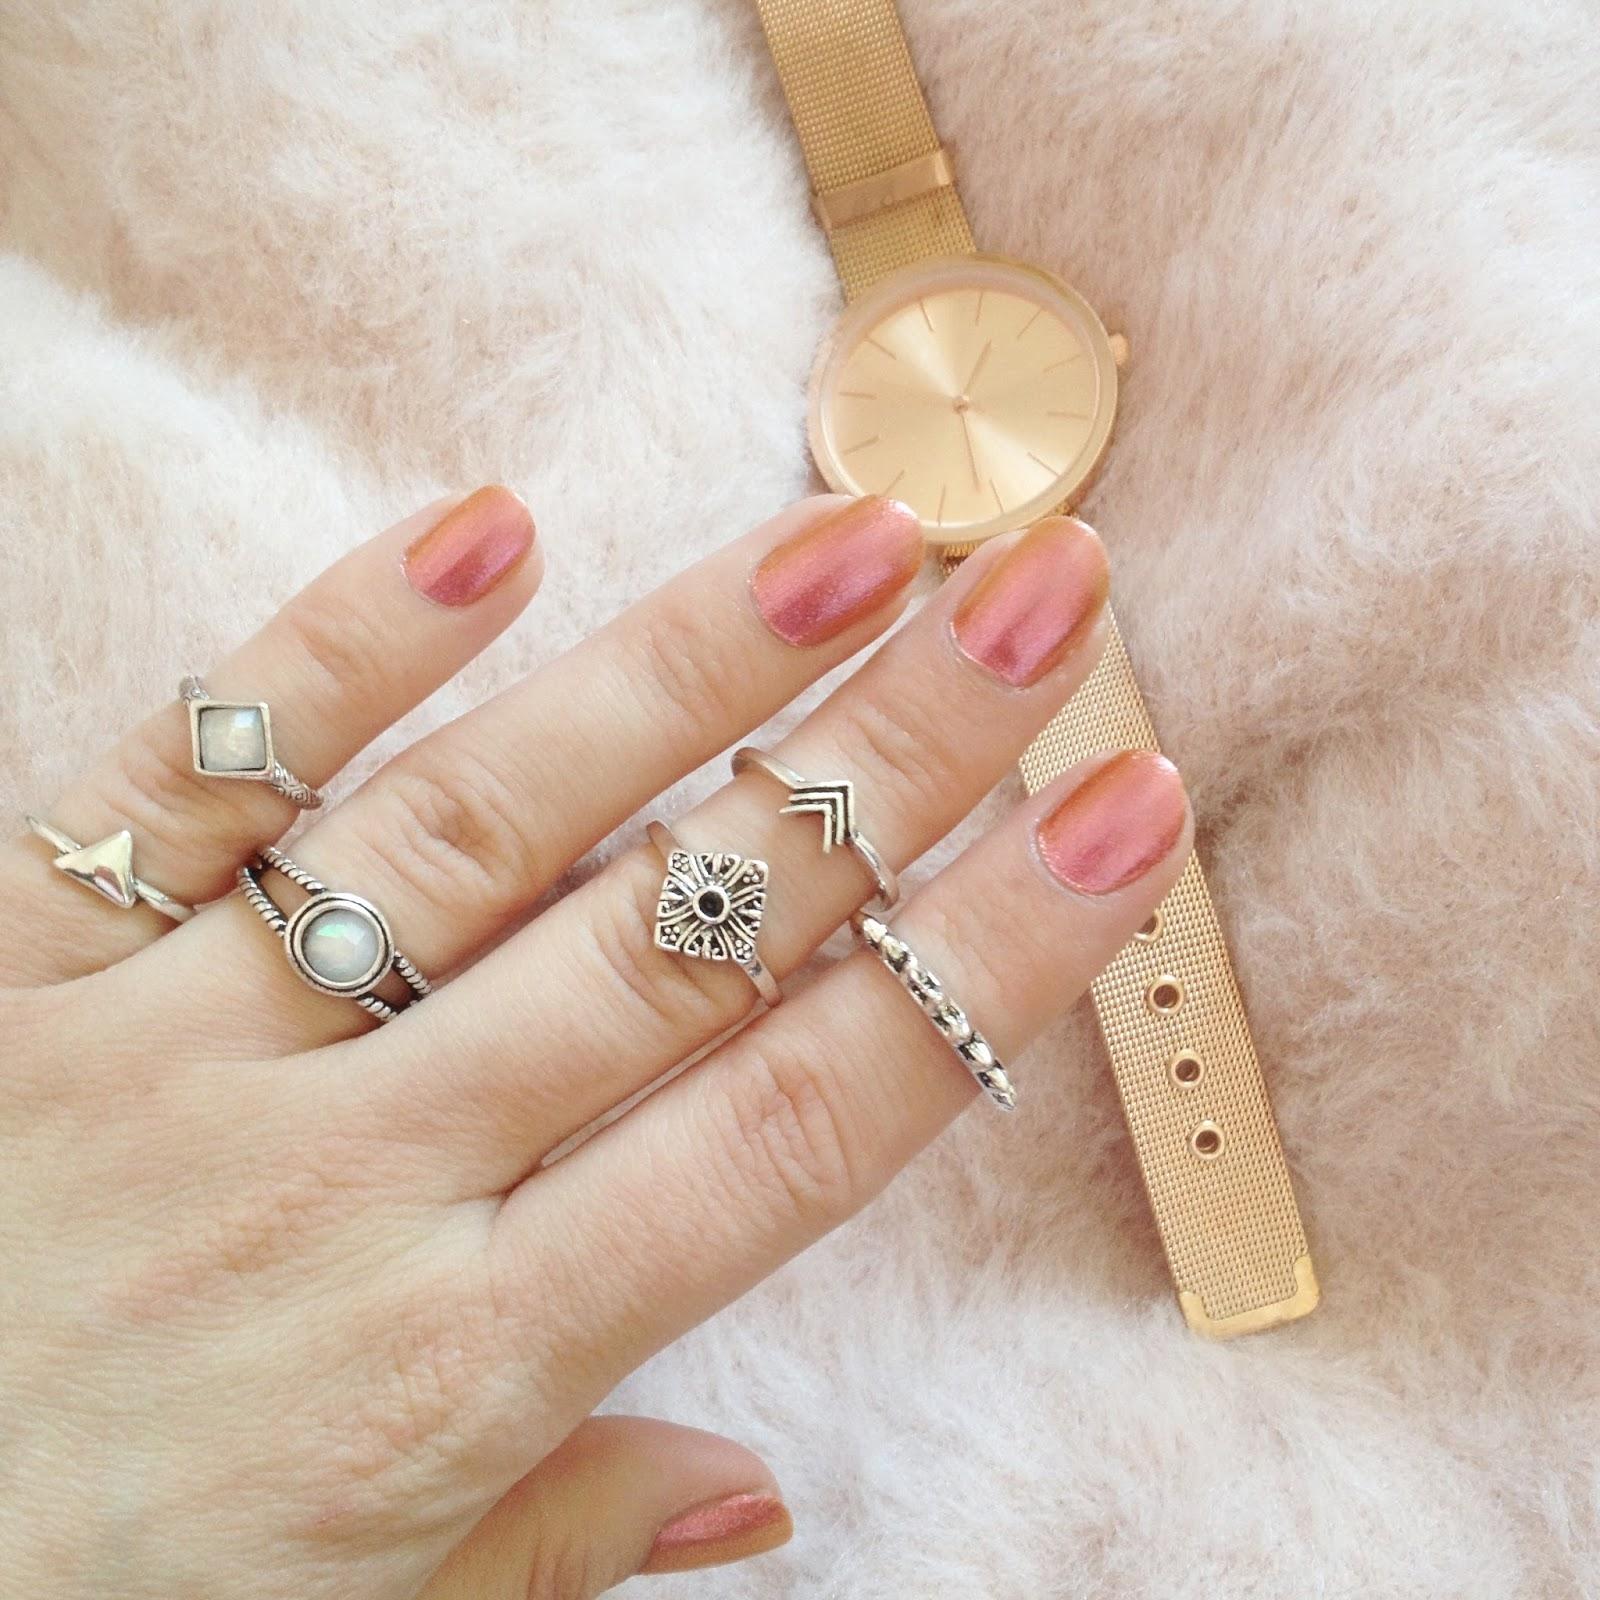 zaful rings